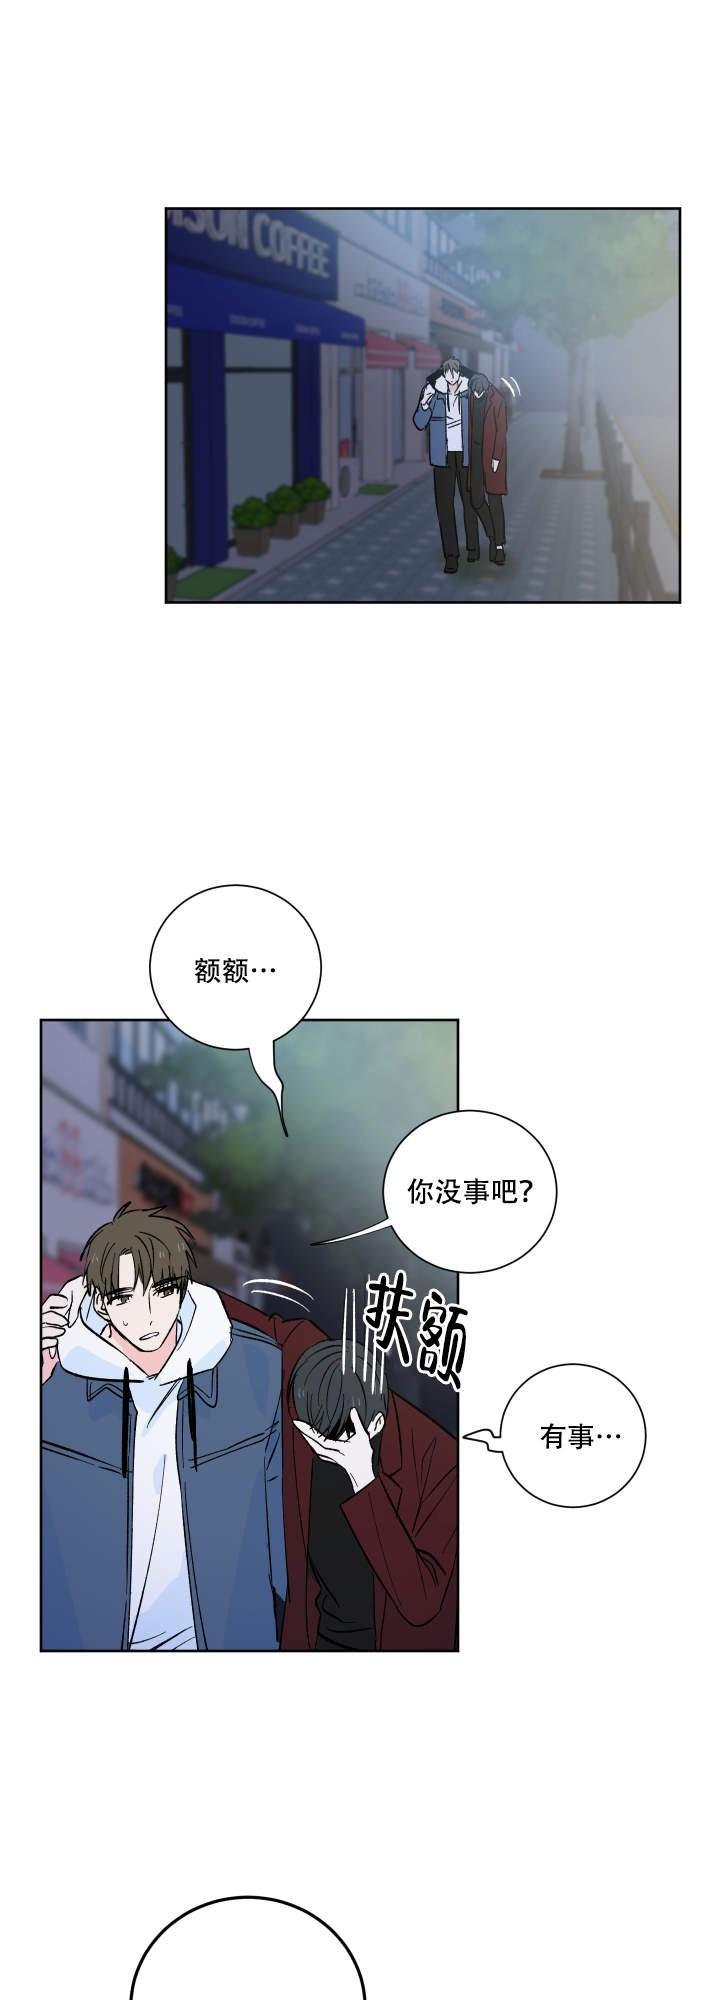 《亲爱的选我》漫画韩漫 & 完整版(全文免费阅读)